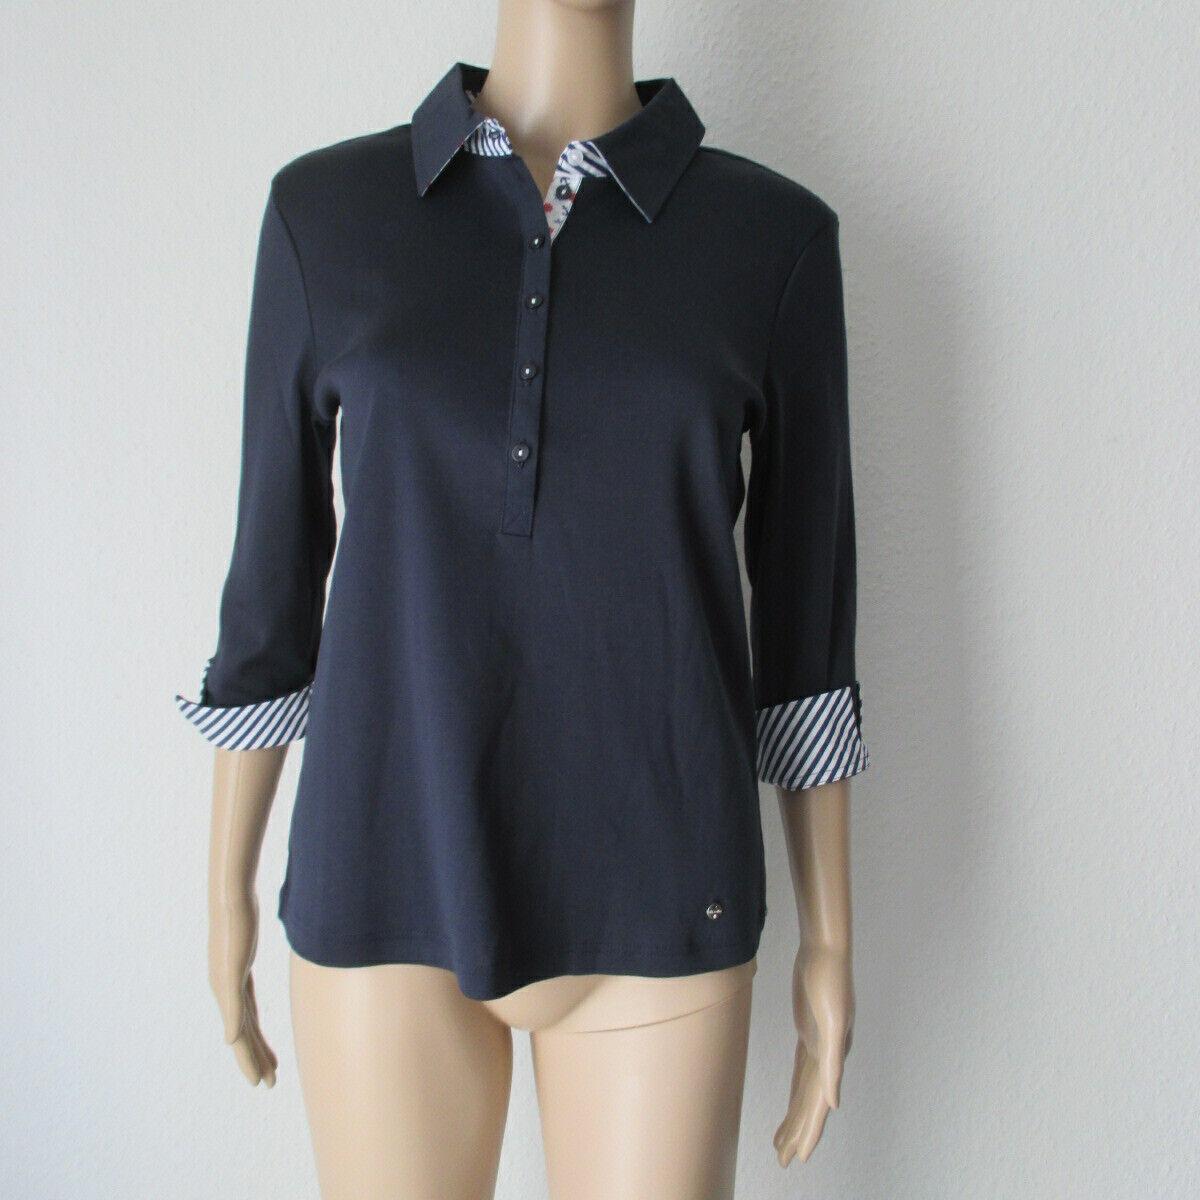 Efixelle Polo Shirt,  in blau, farblich abgesetzt, Größe 36